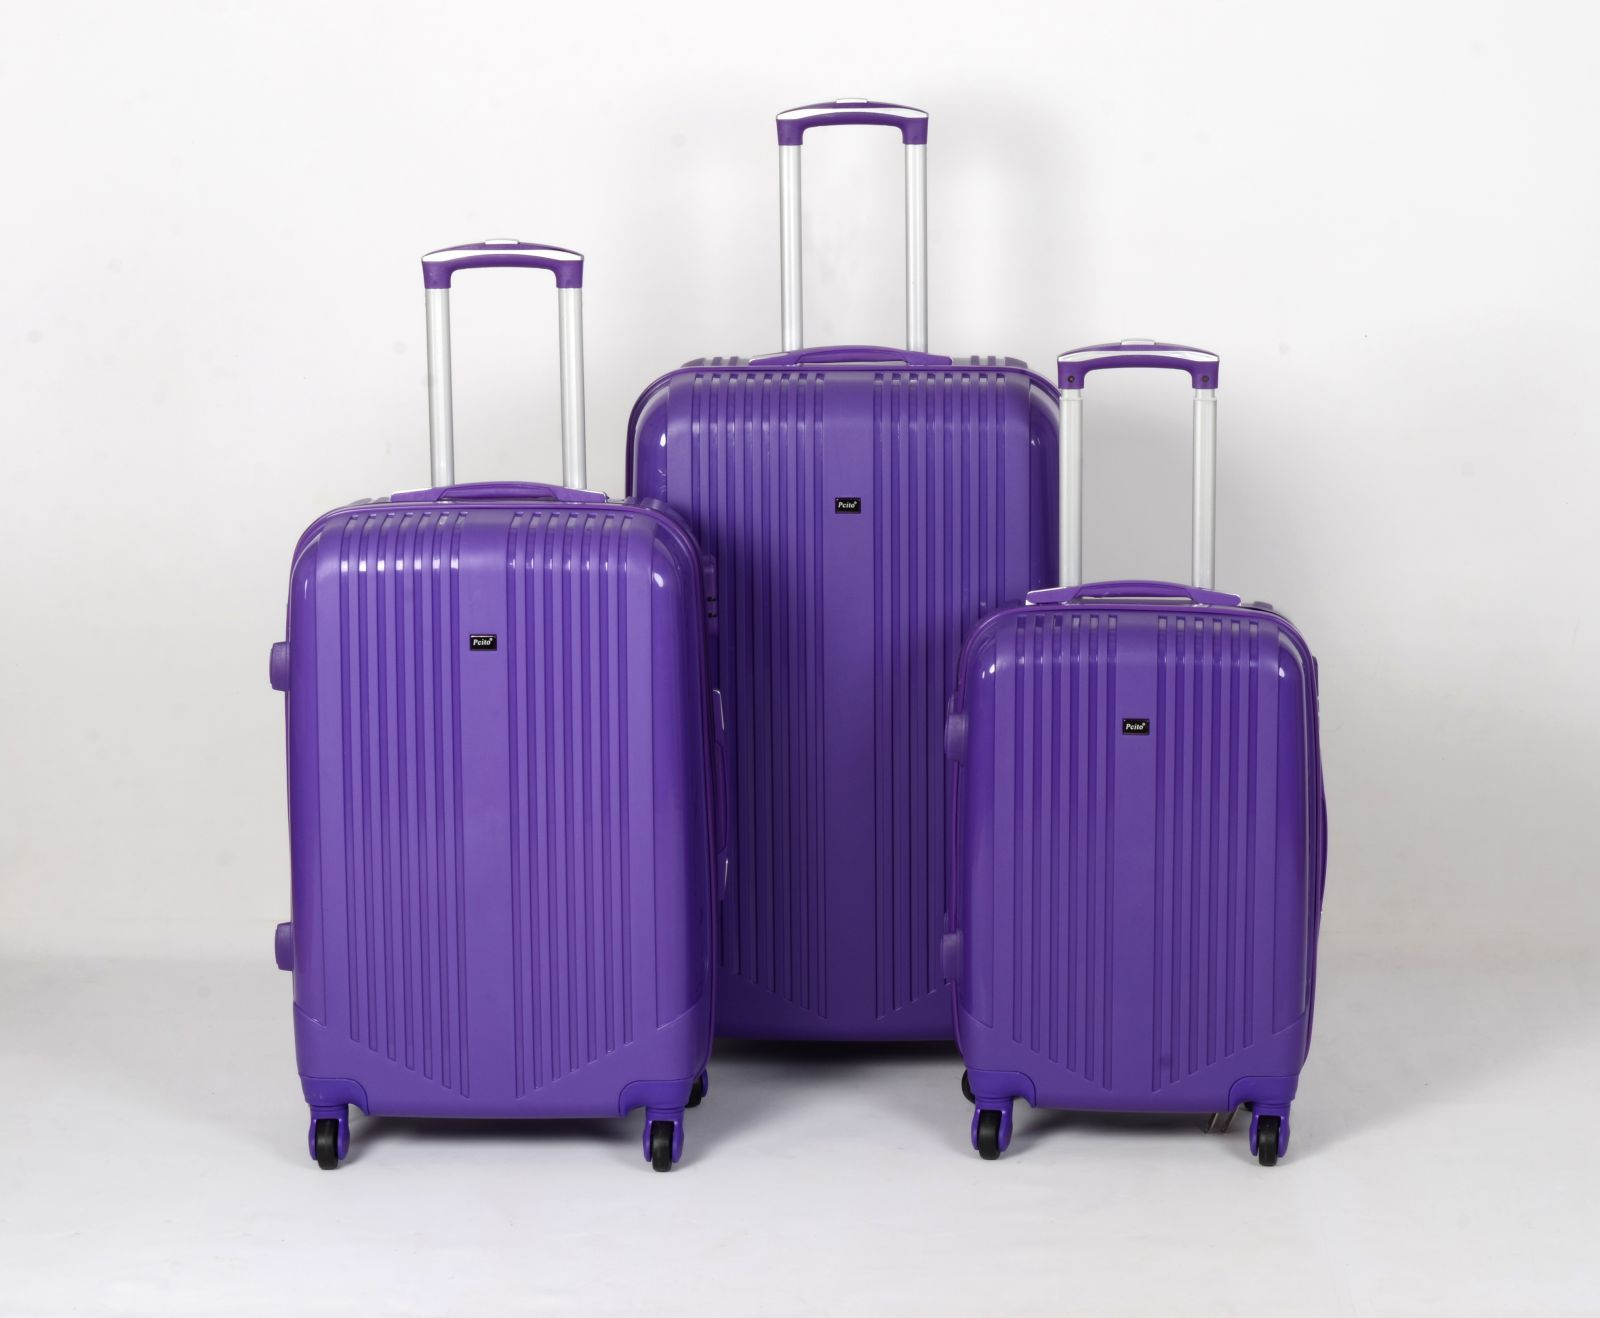 Cestovní kufry sada ABS Trolleykoffer TR-A16 fialová